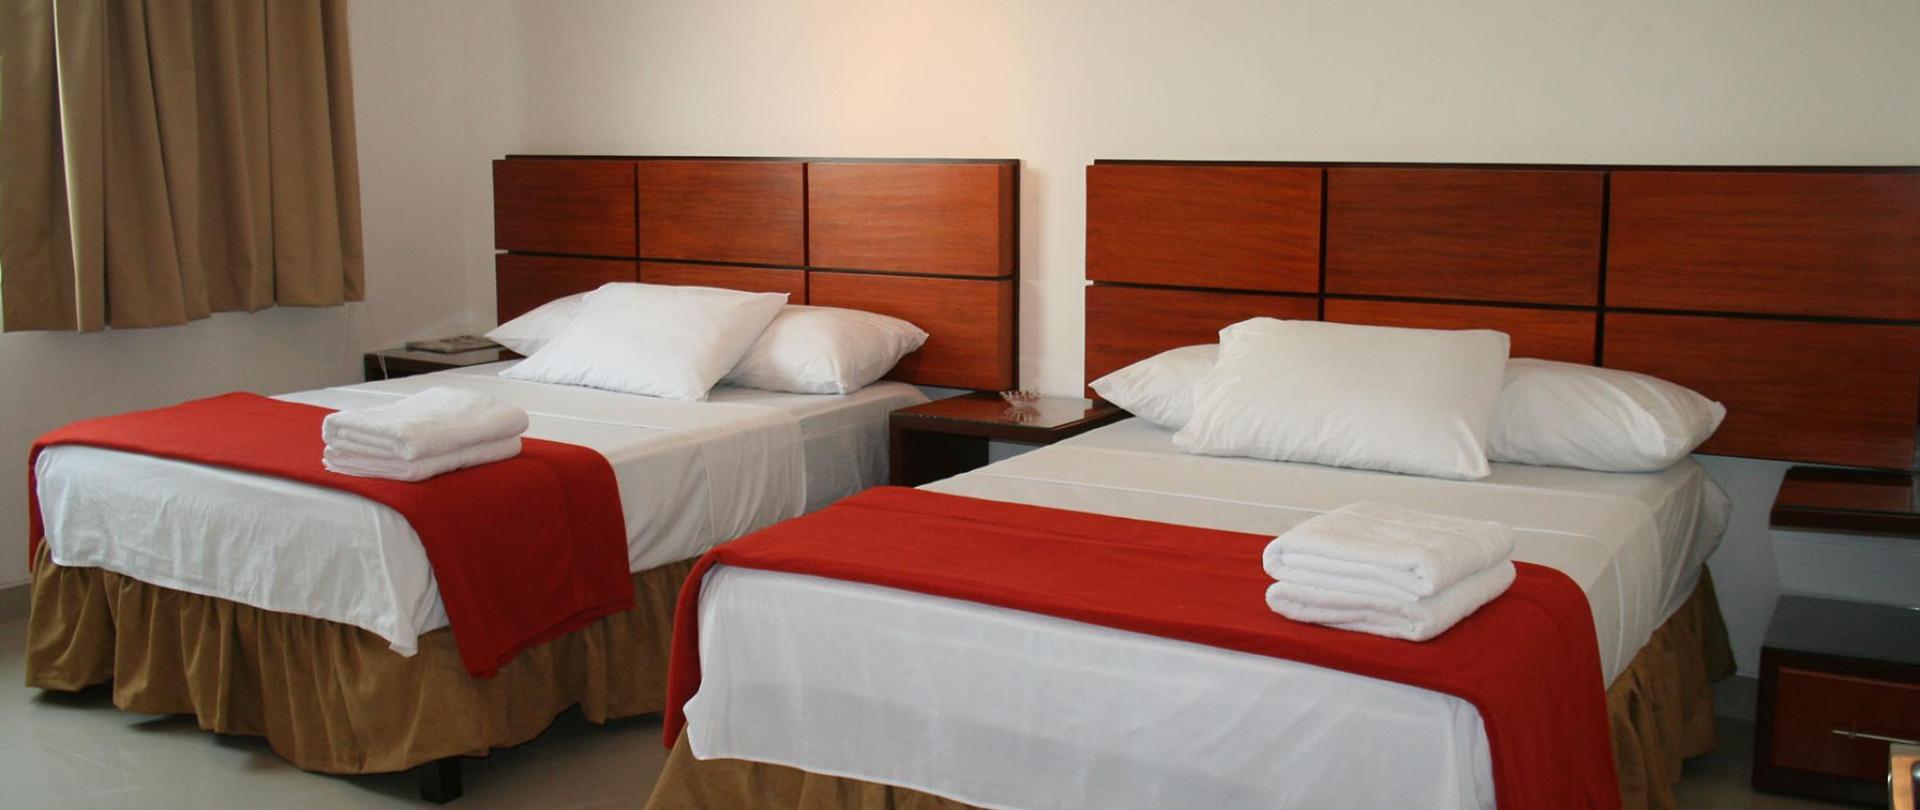 apart-suites-14.jpg